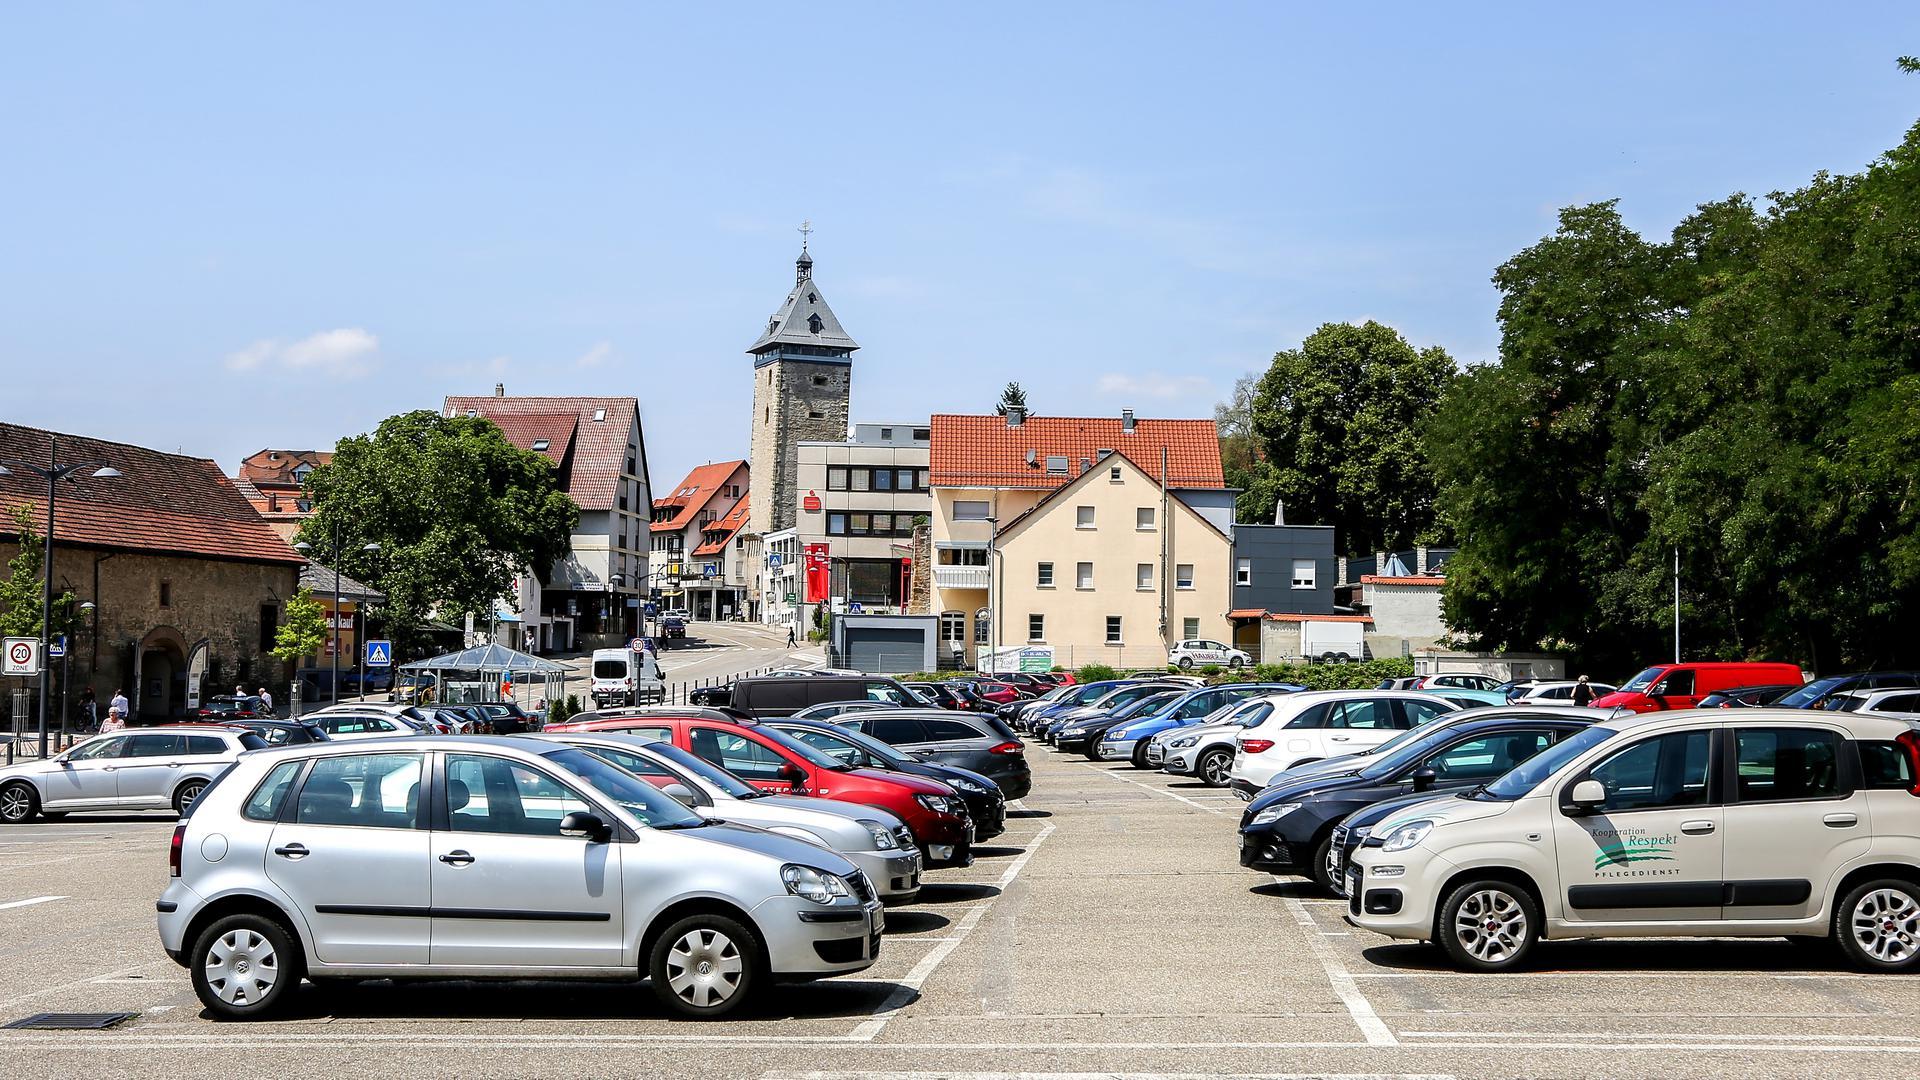 Der Brettener Gemeinderat stimmt am 2. März über das Sporgassen-Projekt ab.